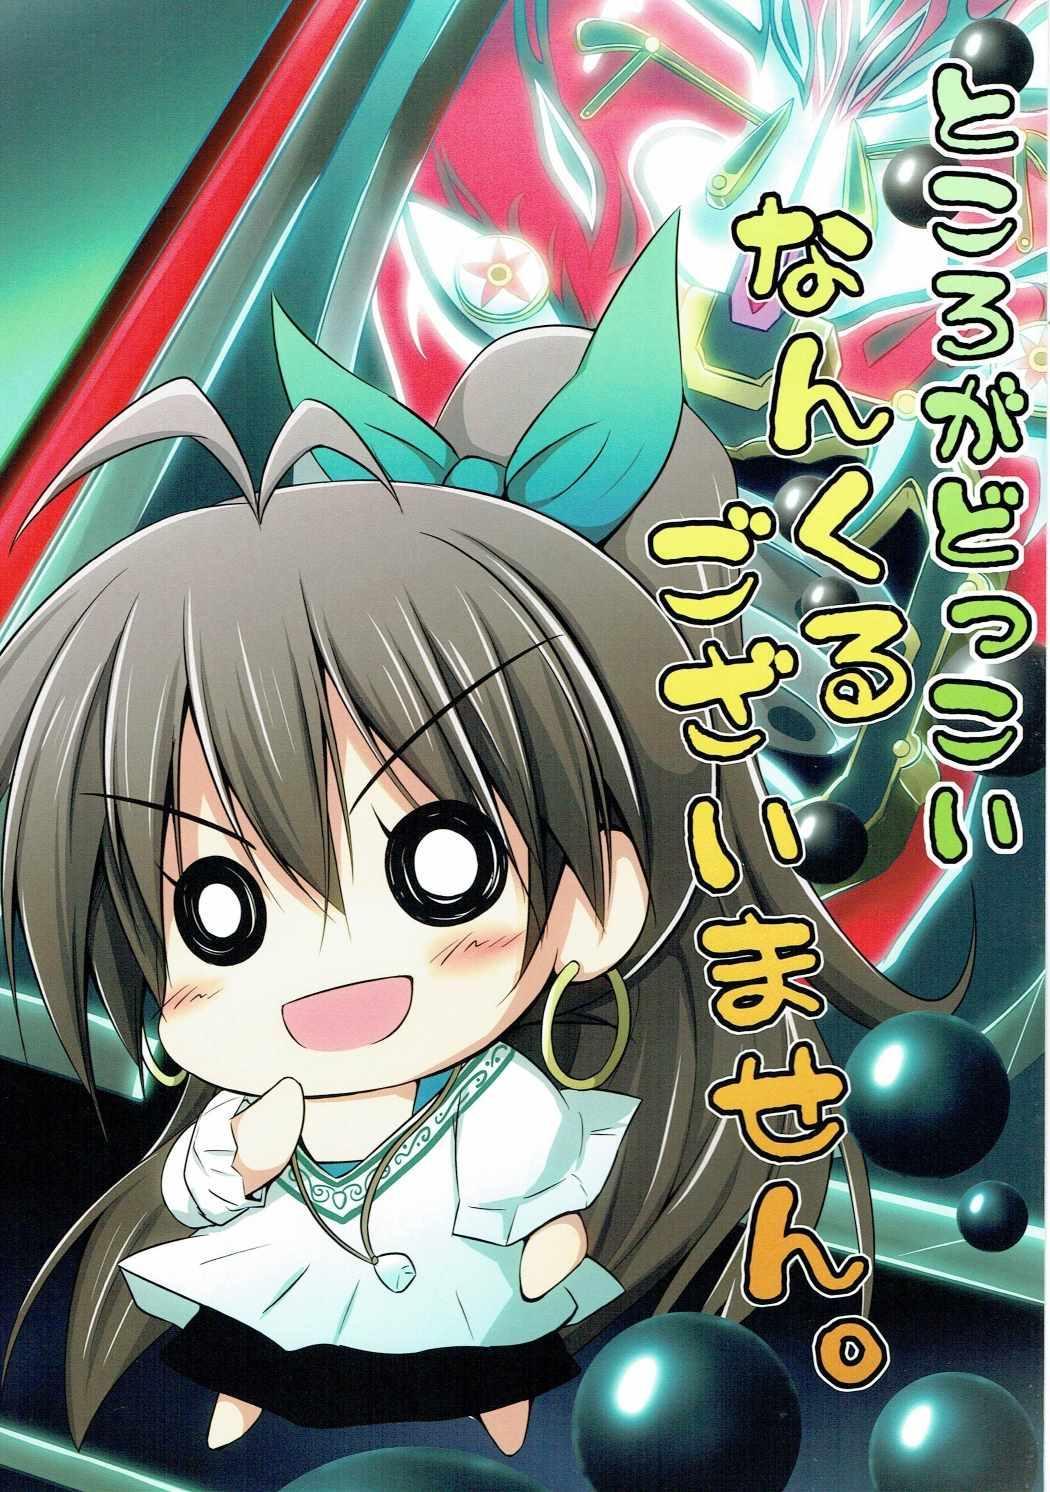 Ganaha-san SP3 1